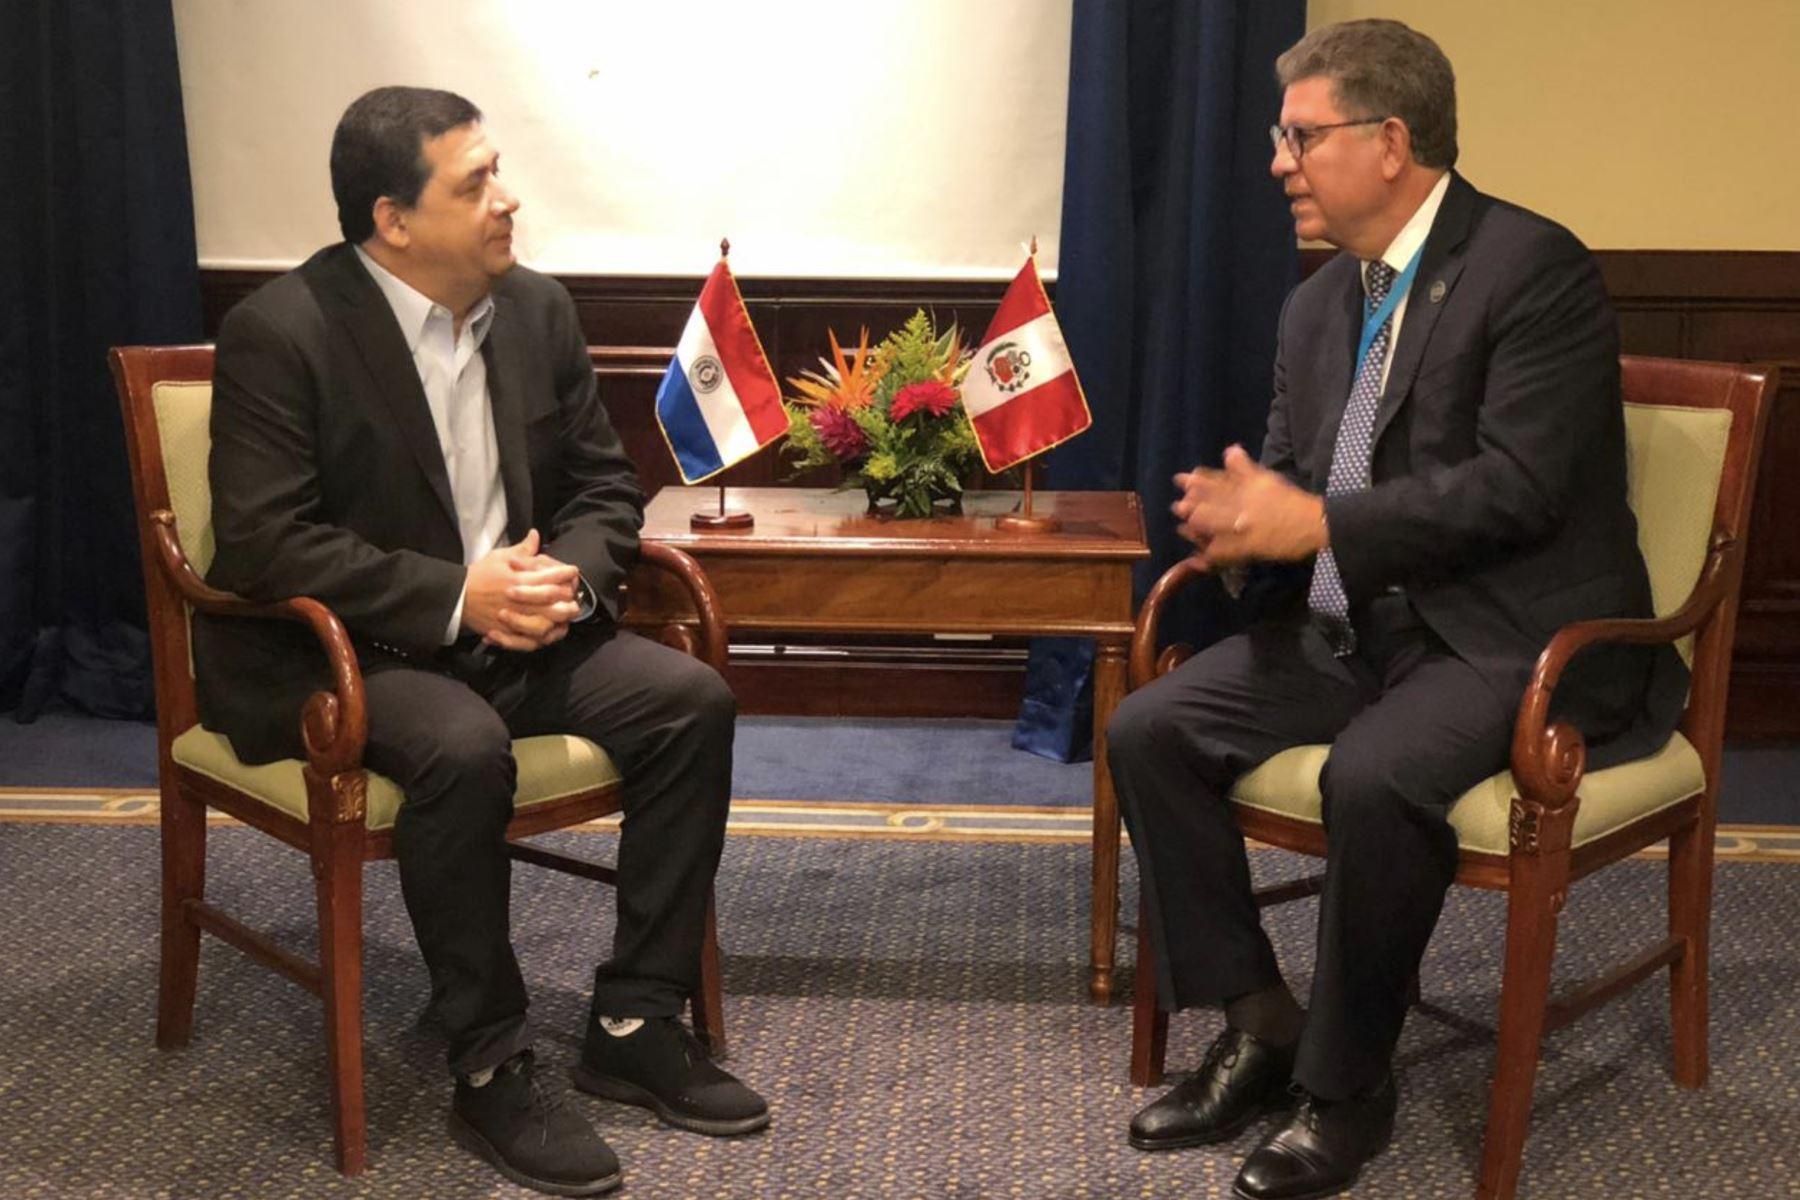 El canciller Gustavo Meza-Cuadra se reunió con el vicepresidente de Paraguay, Hugo Velásquez. Foto: Difusión.